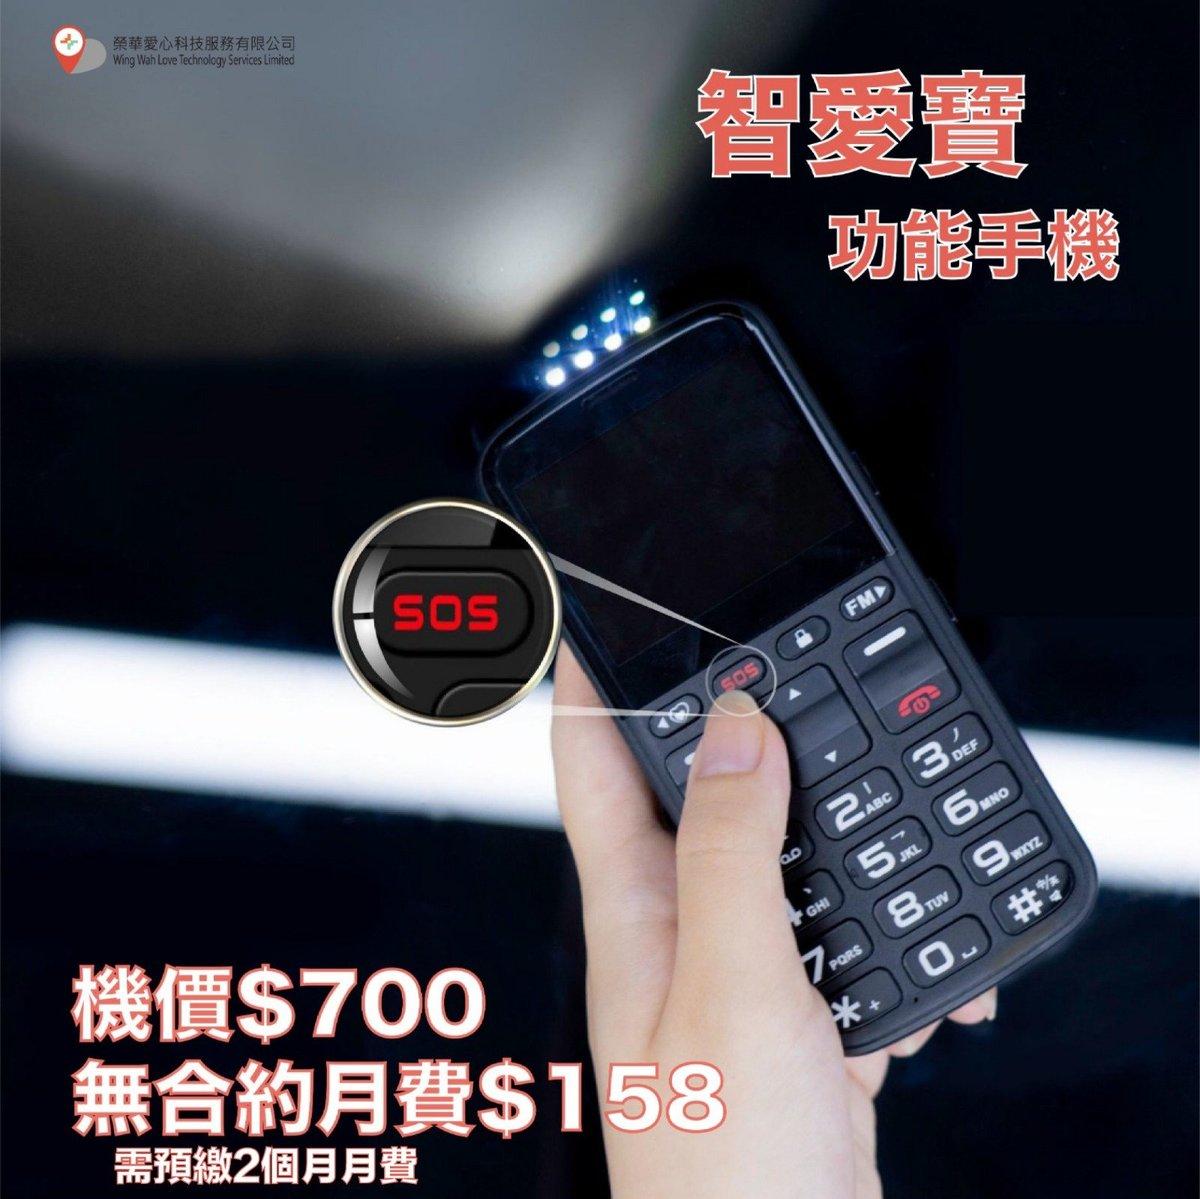 定位功能電話 (機價+無合約定位服務)